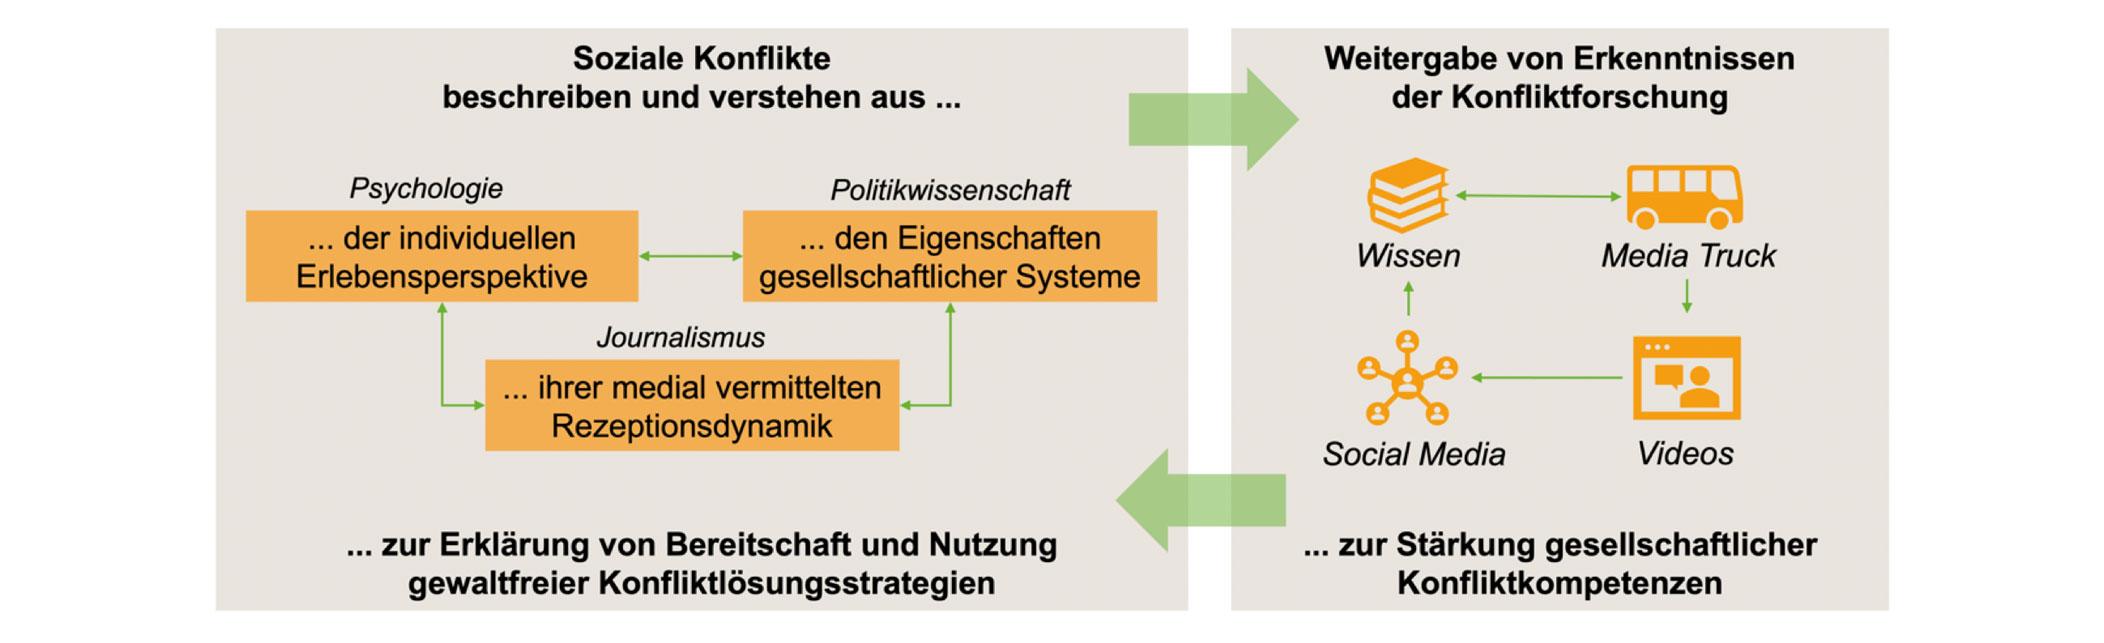 Grafische Darstellung sozialer Konflikte